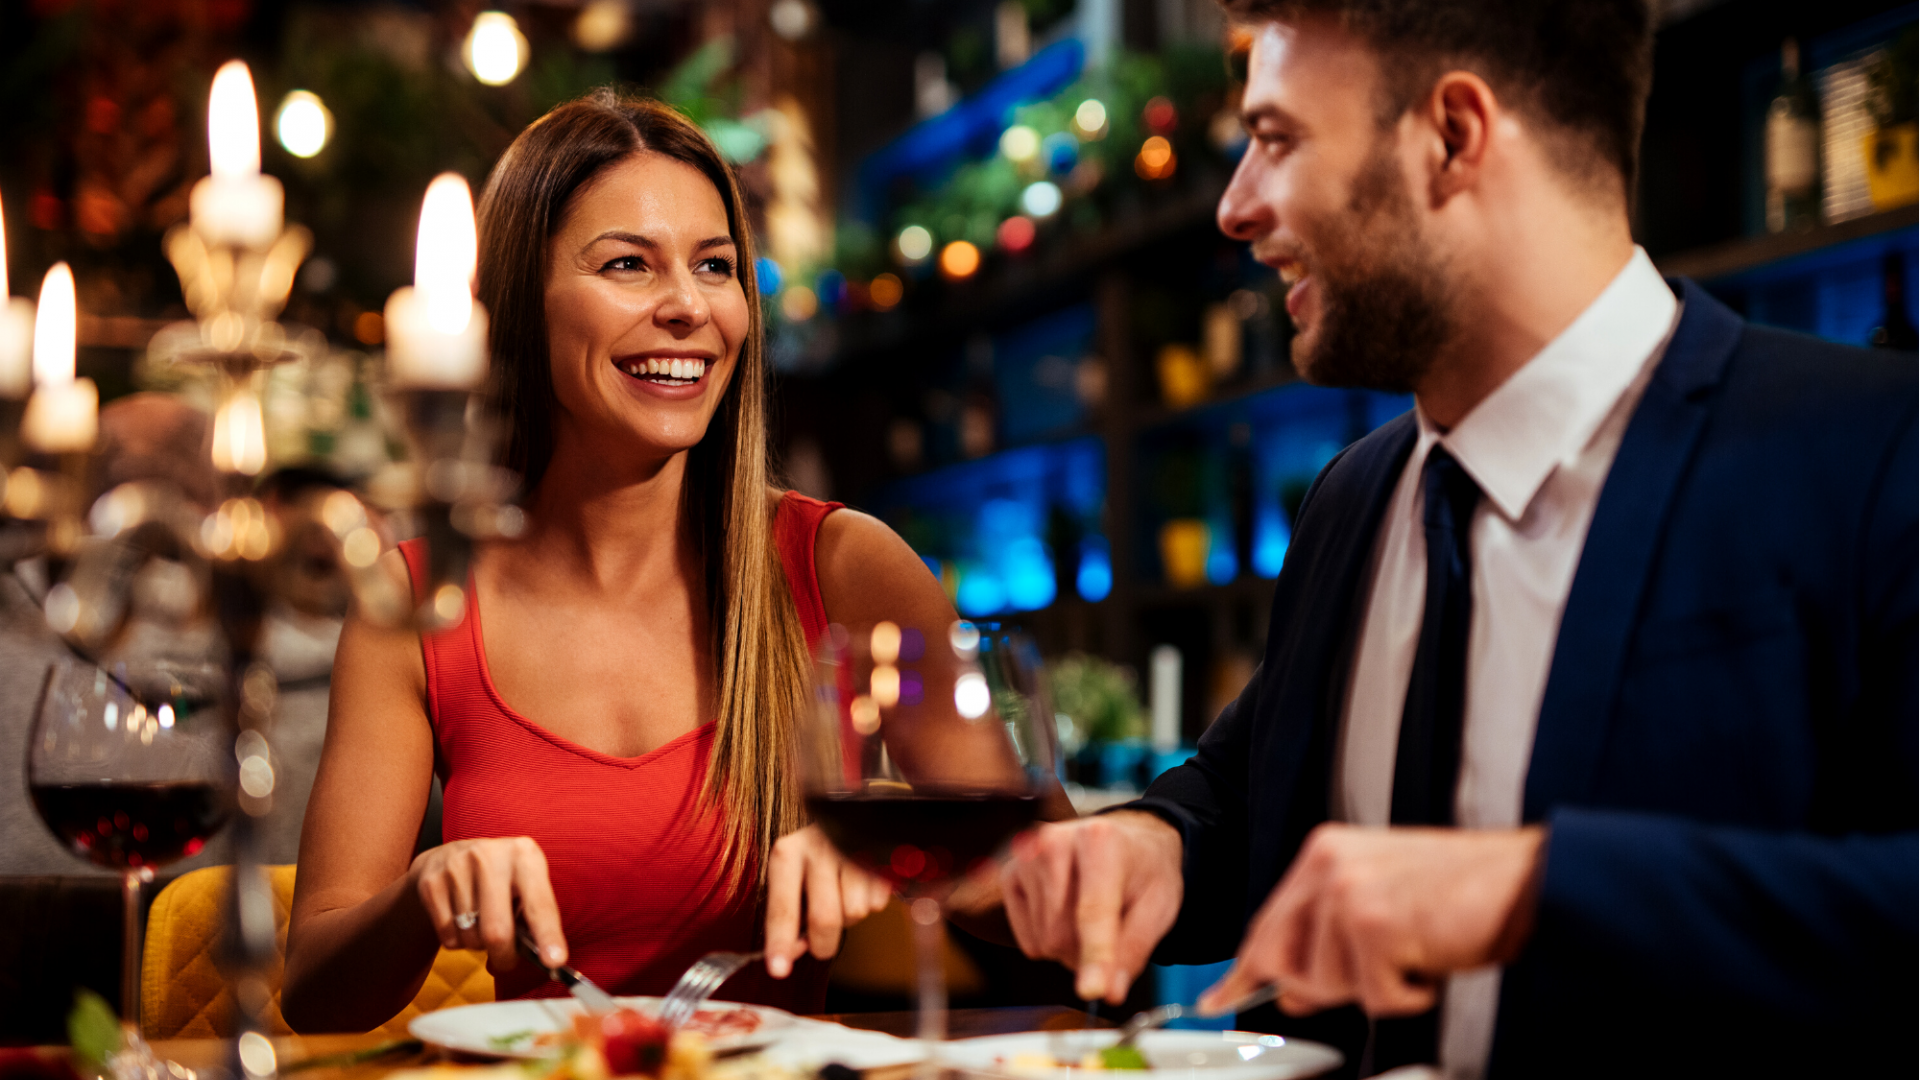 WEEKEND WALENTYNKOWY - z romantyczną kolacją